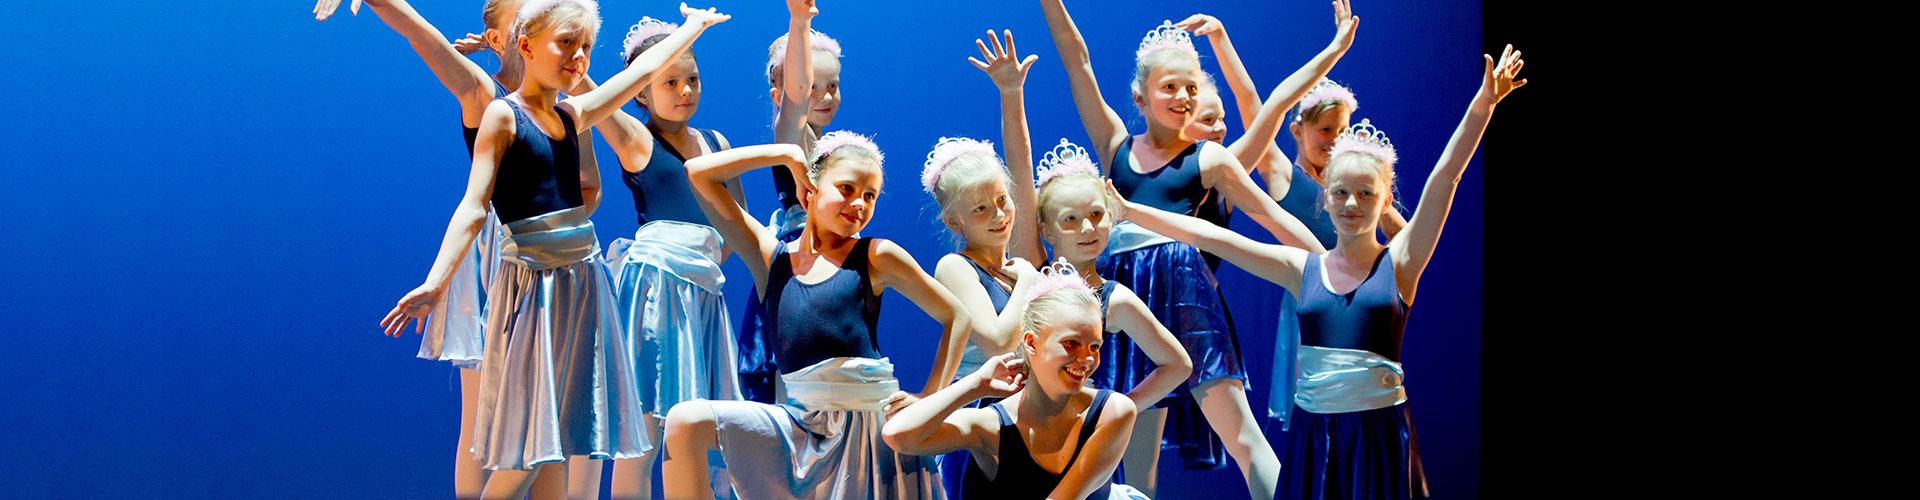 Jenter danser